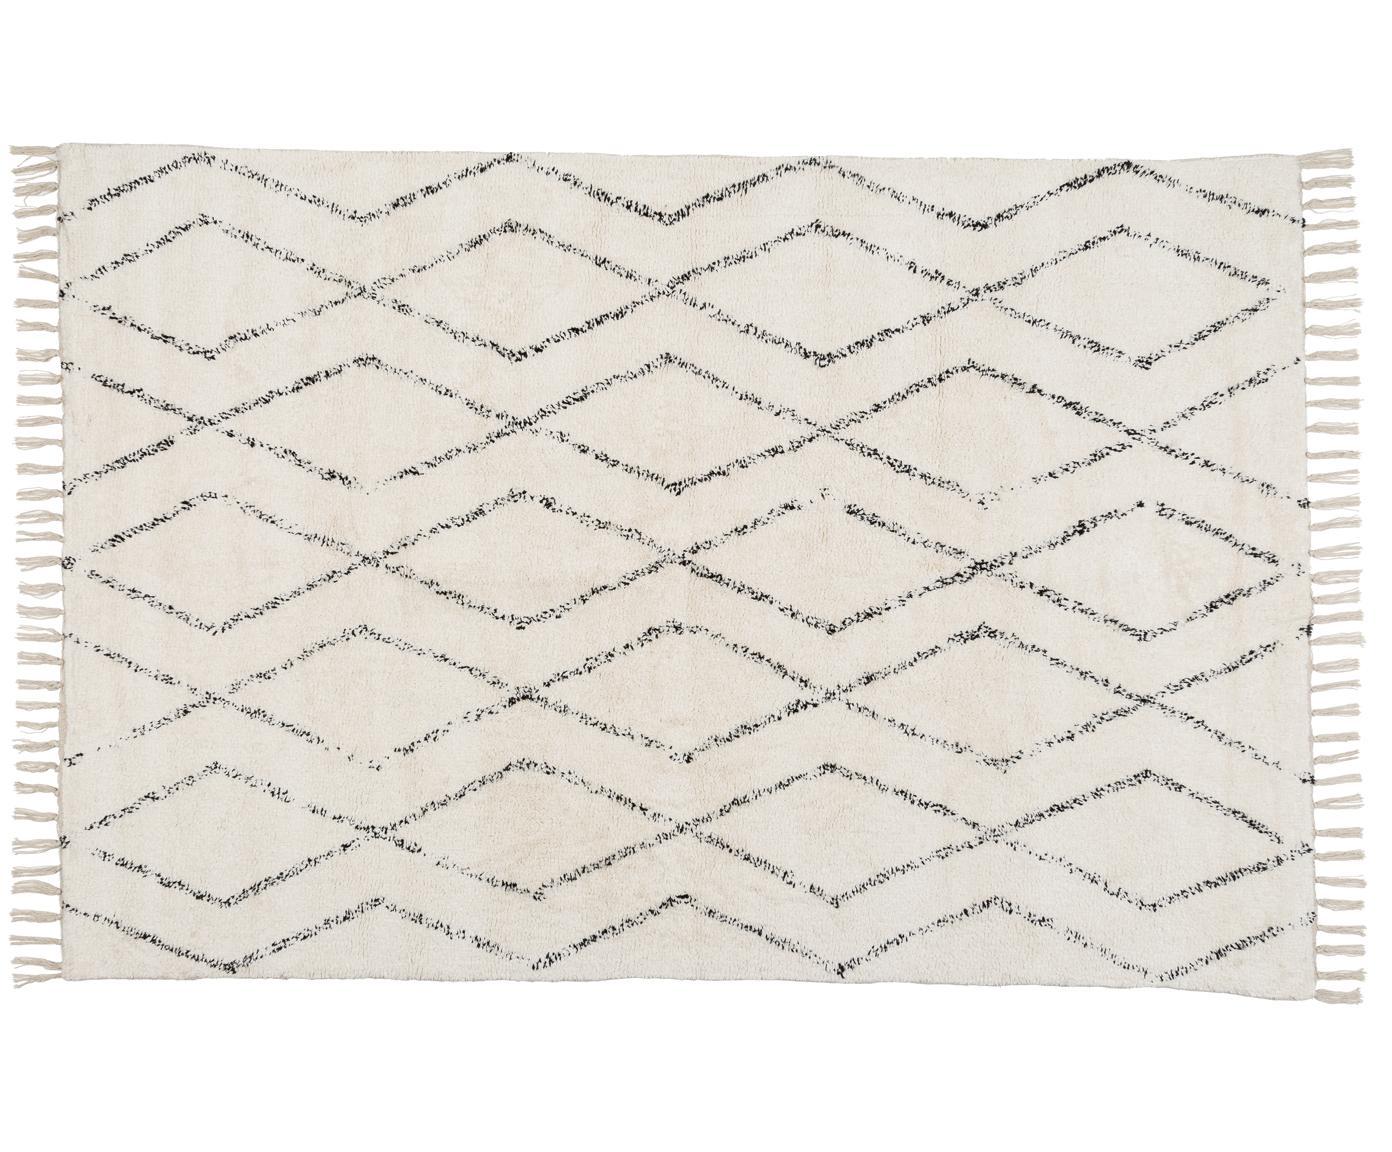 Tappeto tessuto a mano con frange Berber, 100% cotone, Grigio, crema, Larg. 140 x Lung. 200 cm (taglia S)